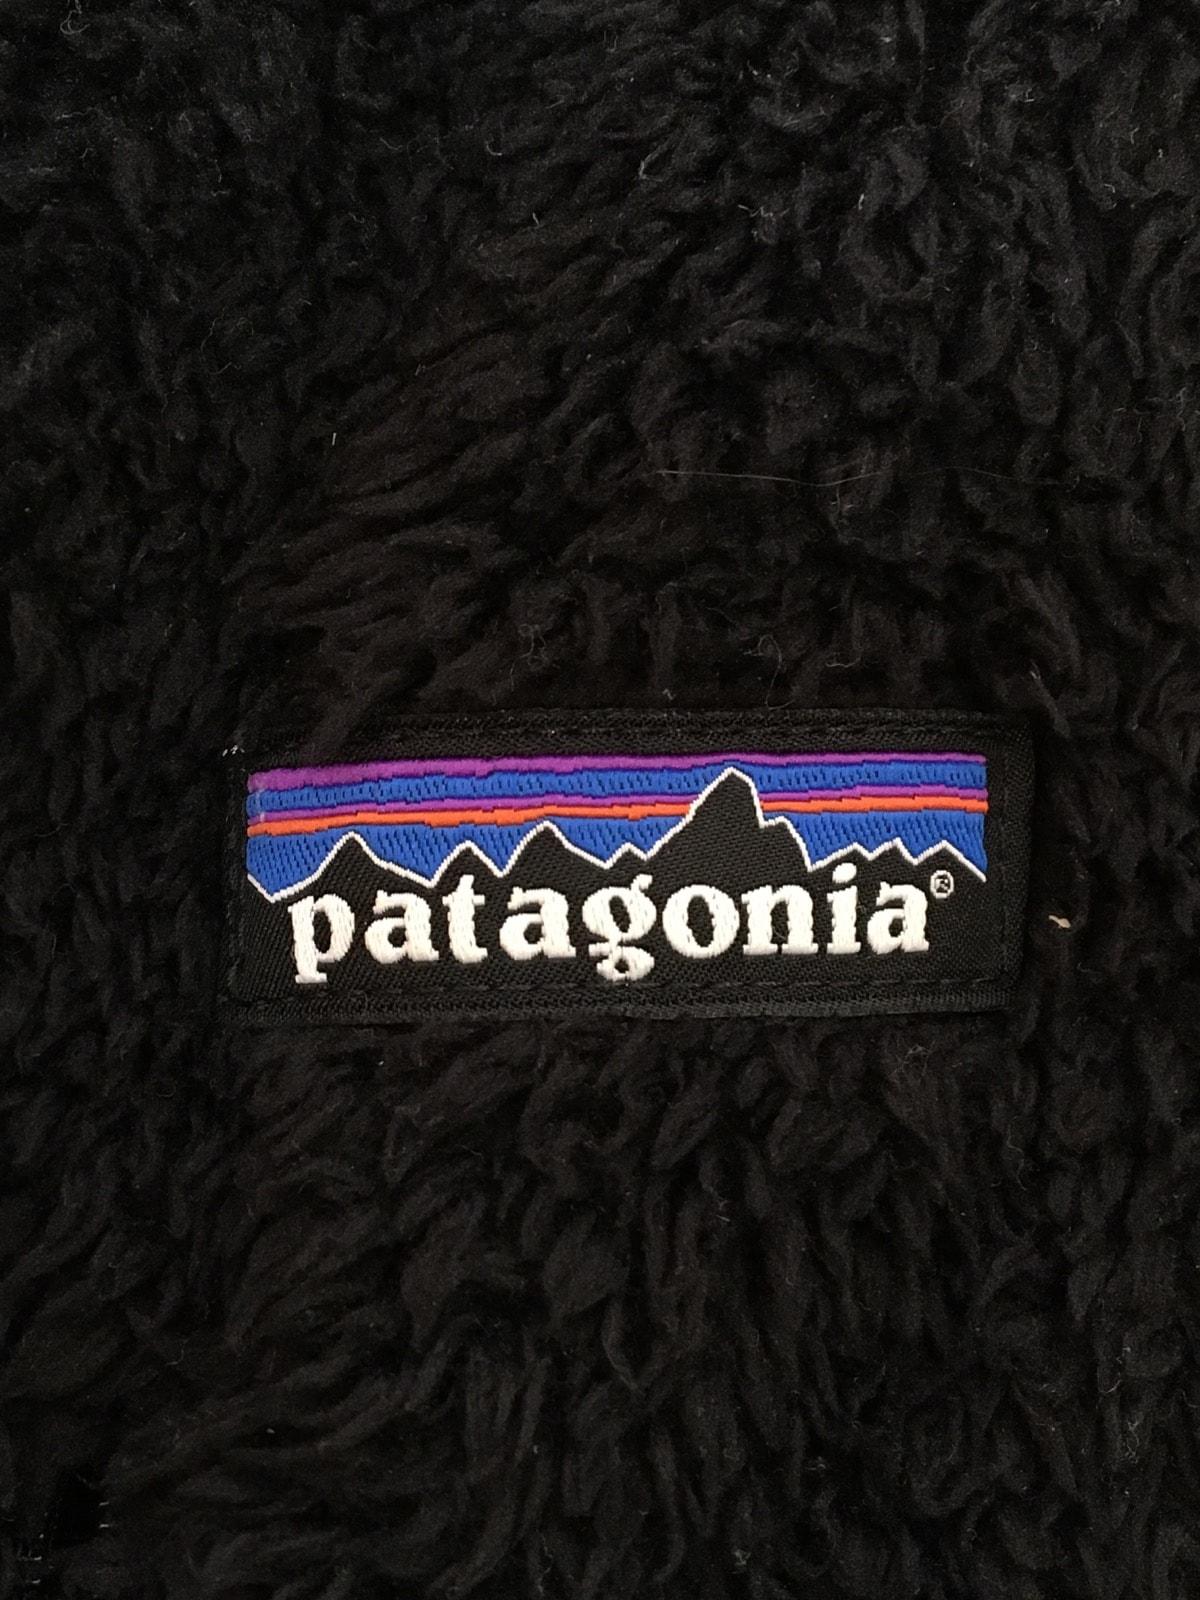 Patagonia(パタゴニア)のベスト